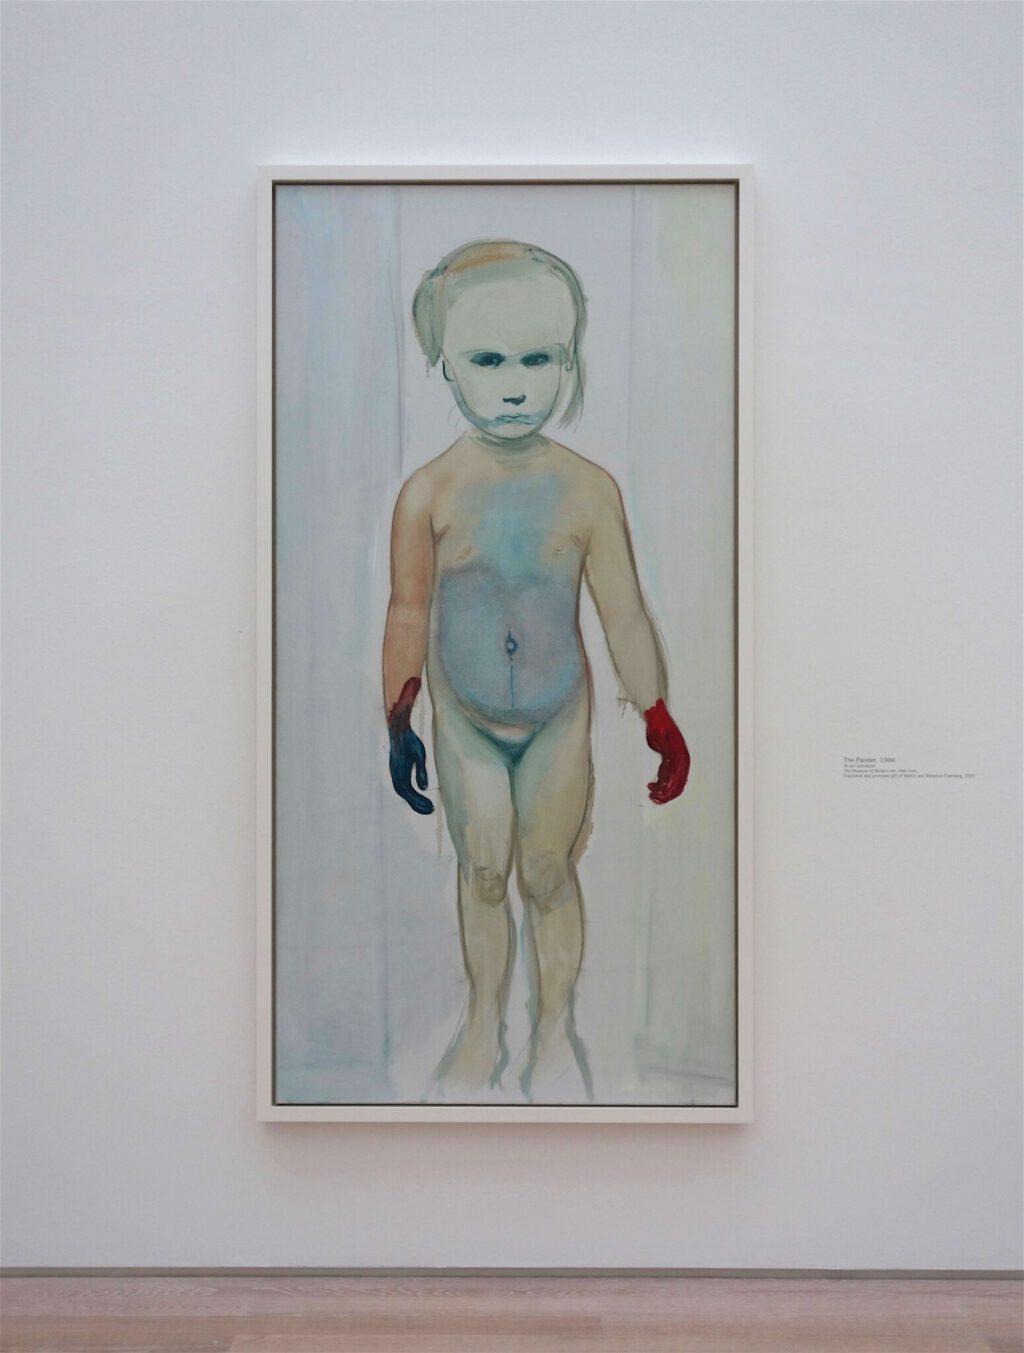 マレーネ・デュマ「画家」油絵、200.7 x 99.7 センチ、1994年